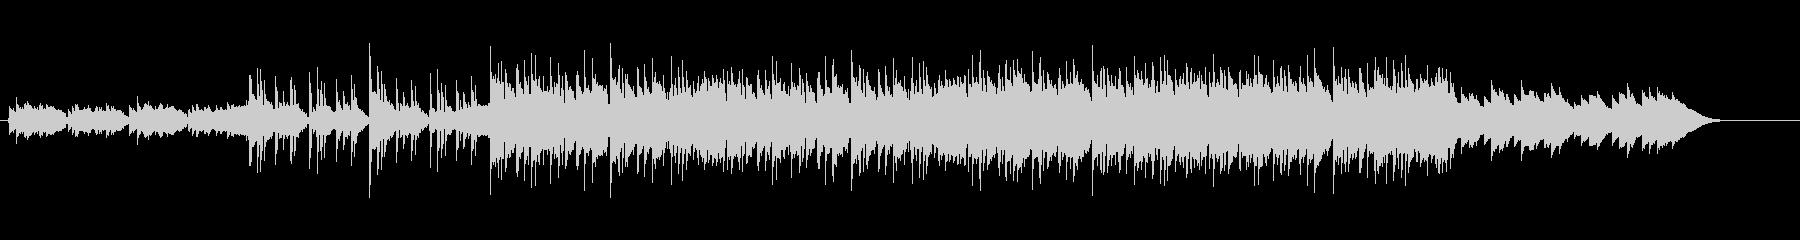 怪しい ハロウィン ホラー メタル調の未再生の波形